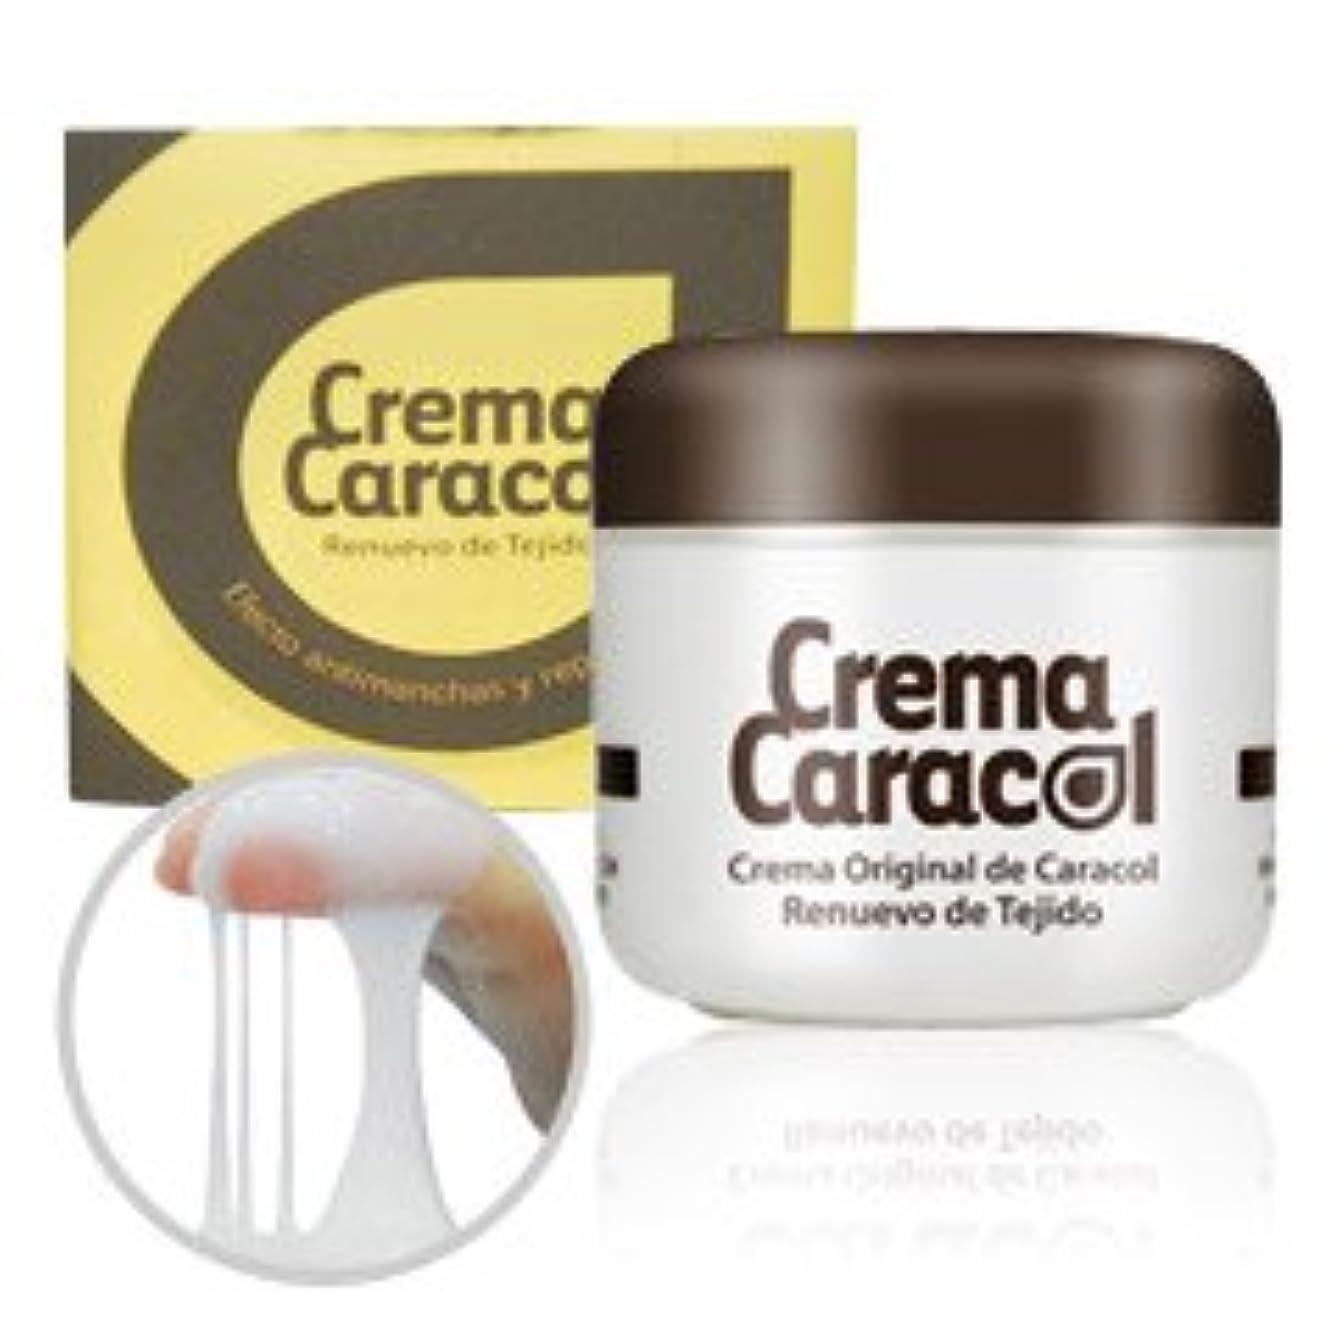 繁雑クリスマス状crema caracol(カラコール) かたつむりクリーム 3個セット